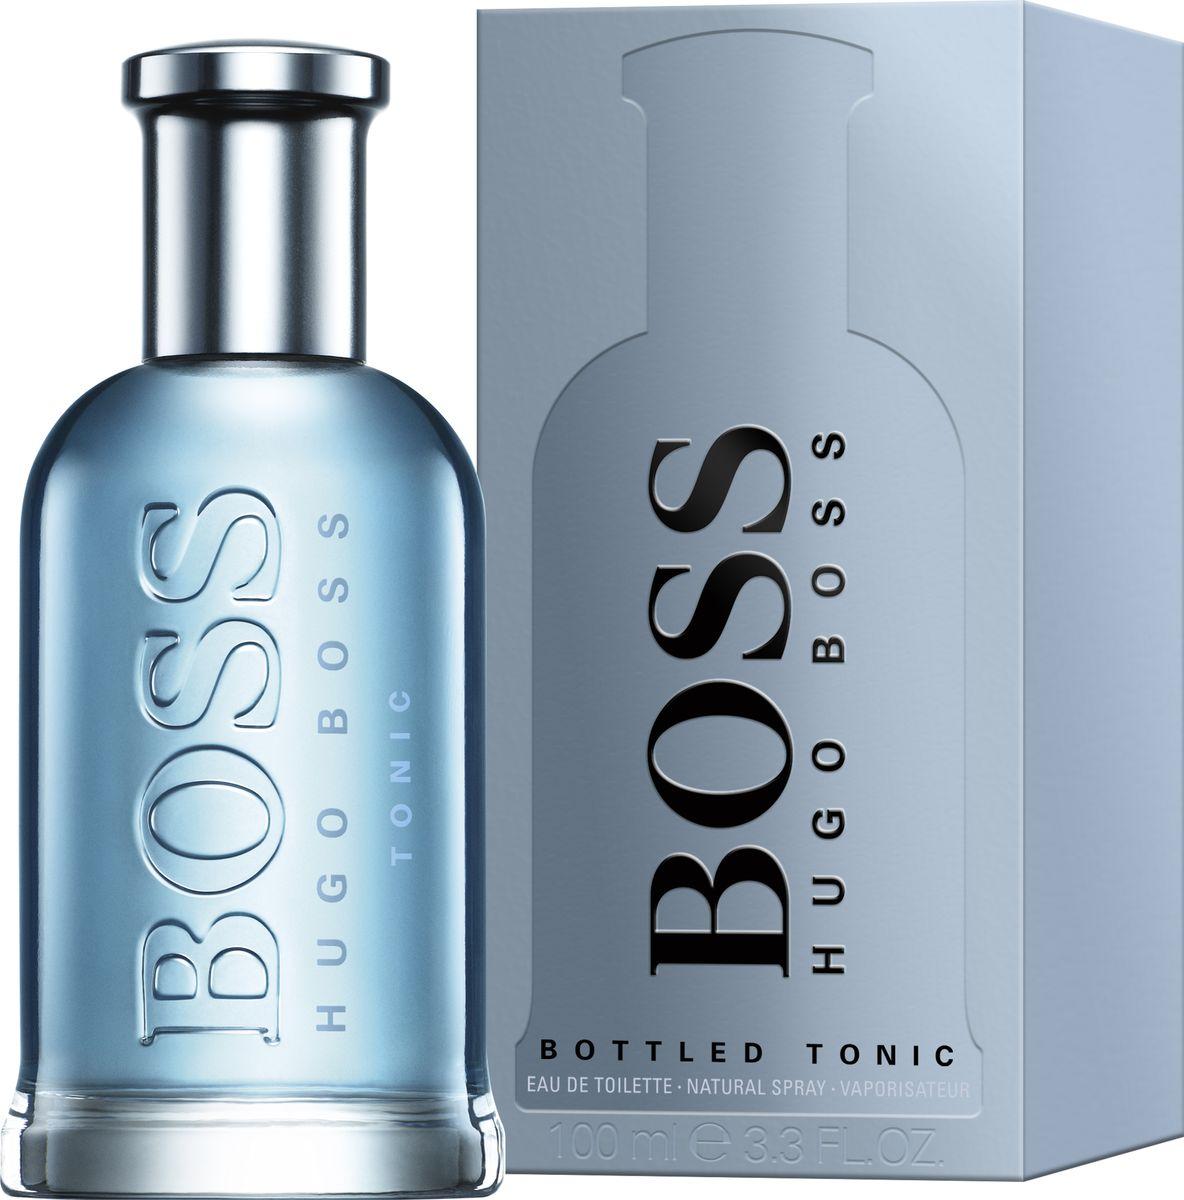 Hugo Boss Bottled Tonic Туалетная вода 100 мл1301210Легкий освежающий аромат Boss Bottled Tonic, выпущенный в 2017 году модным Домом Hugo Boss, идеально впишется в атмосферу «офисных» будней. Парфюм адресуется мужчинам, которым необходимо сохранять элегантный и свежий вид в течение всего рабочего дня. Приятный, располагающий облик в большинстве случаев помогает достигнуть успеха в делах, а хороший личный аромат закрепляет благоприятное впечатление. Свежий посыл ноток цитрусов и хрустящего яблока, почти невесомый, деликатно окружает кожу мягким сиянием. Пламенно чувственные акценты имбиря не обжигают, а тихо тлеют под пудровой вуалью корицы. Сухое древесное основание выравнивает баланс и придает элегантность композиции благодаря изысканным ноткам ветивера